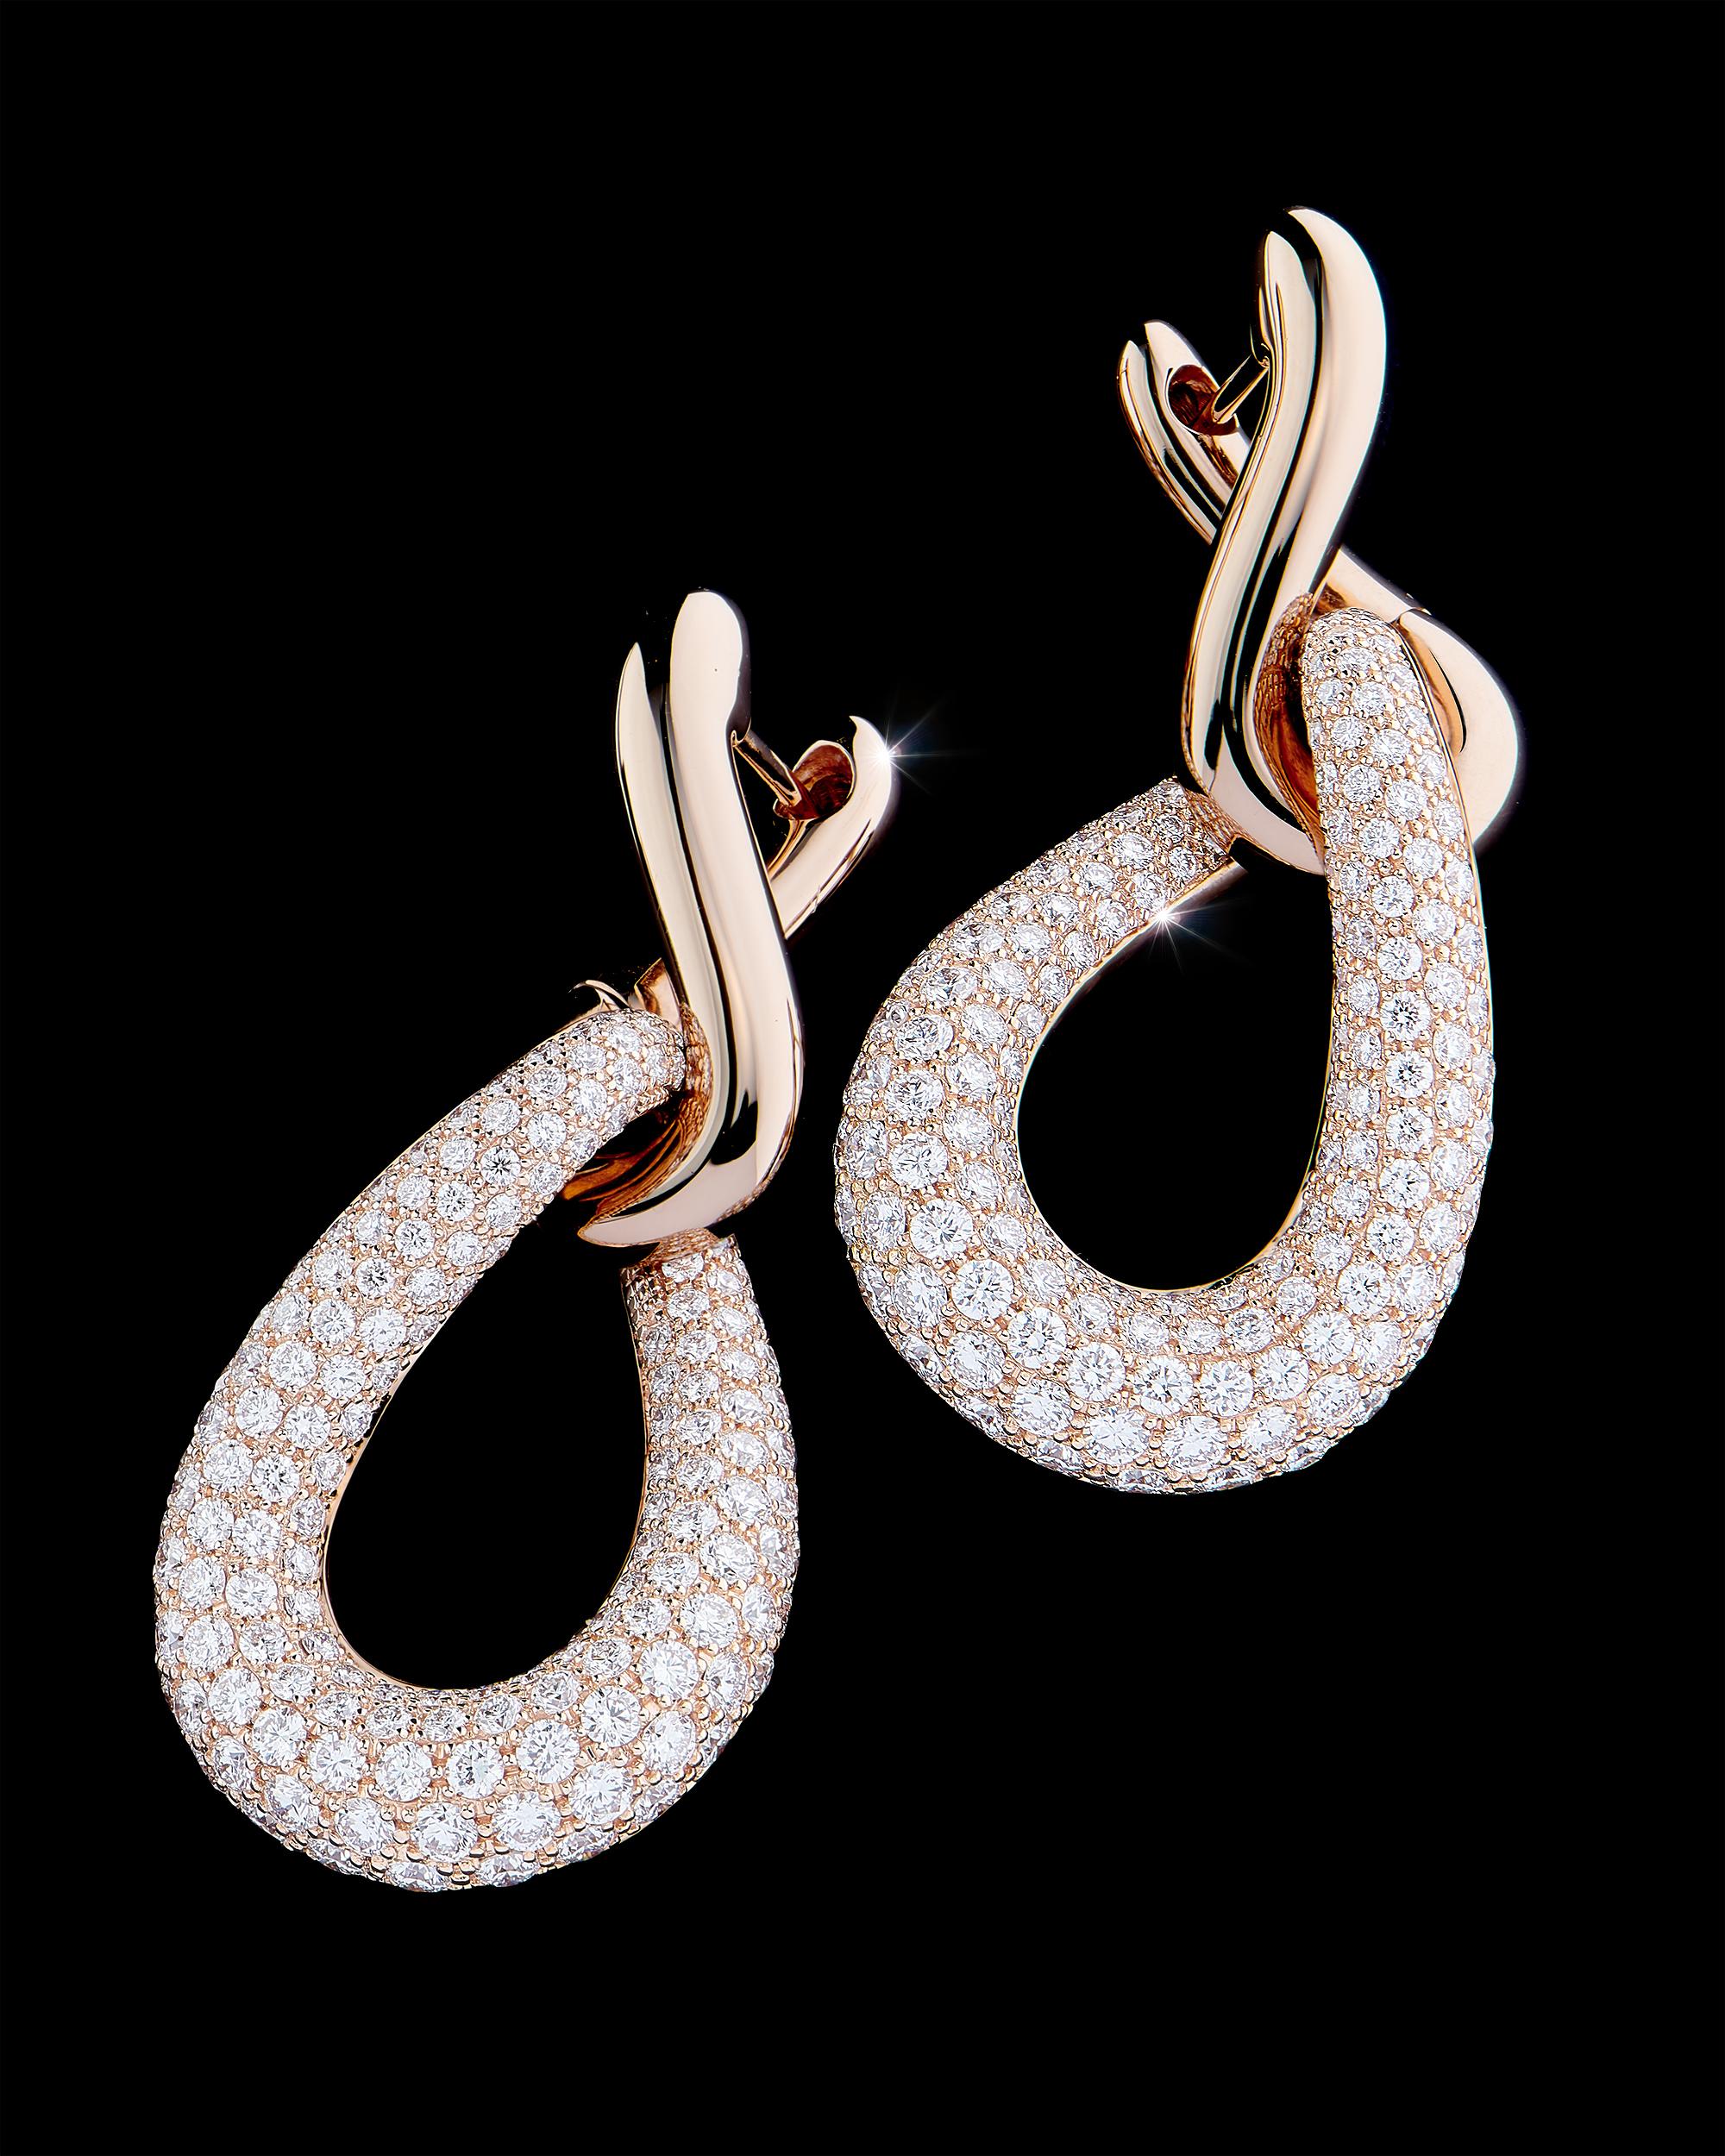 Photographie Haute Joaillerie Boucles d'oreille pendeloque en or rosé